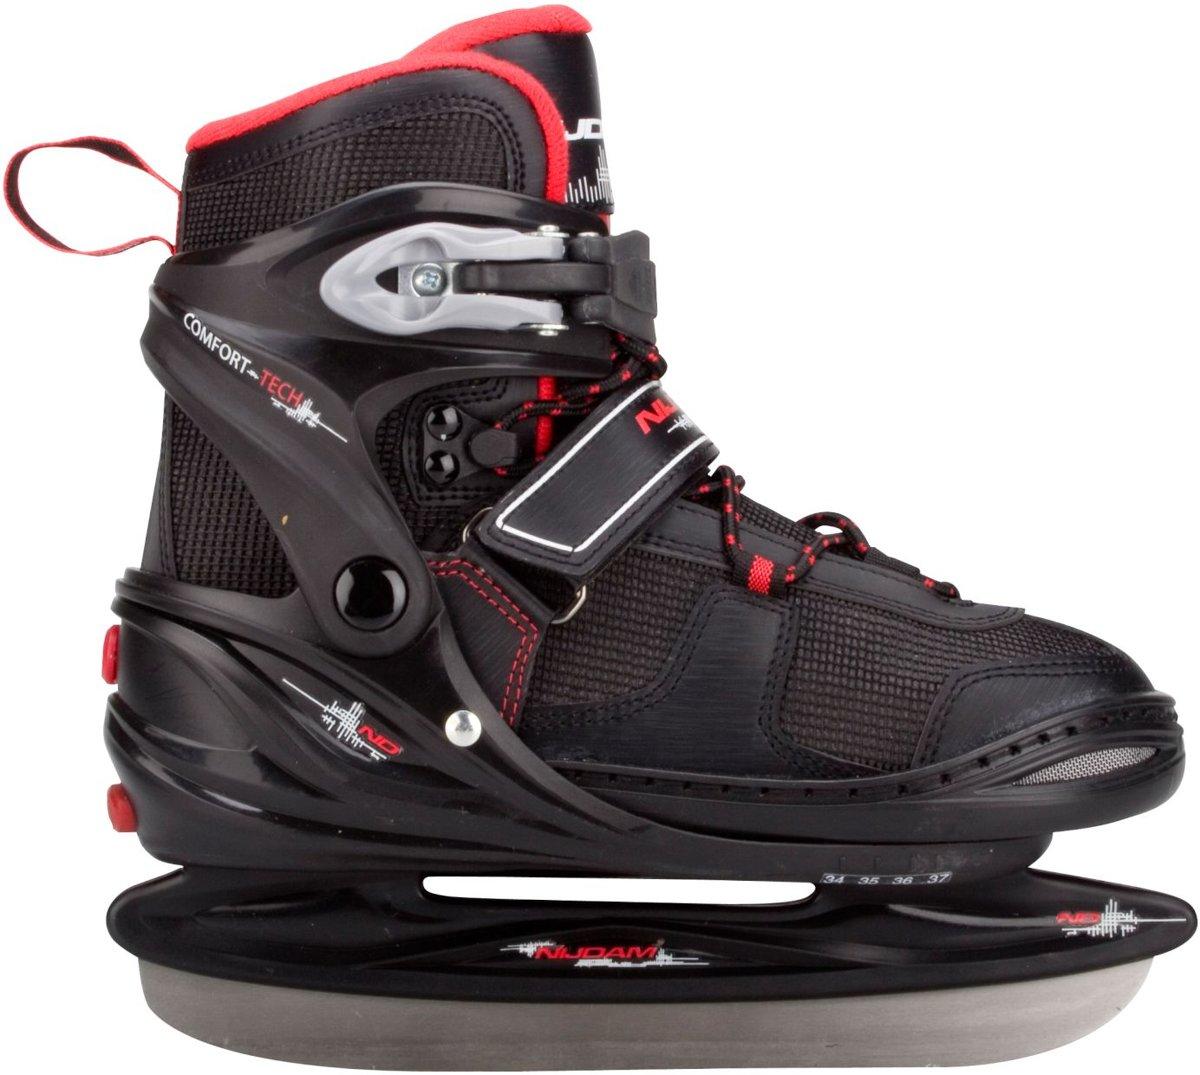 Nijdam 3135 Junior IJshockeyschaats - Verstelbaar - Semi-Softboot - Rood/Zwart - Maat 38-41